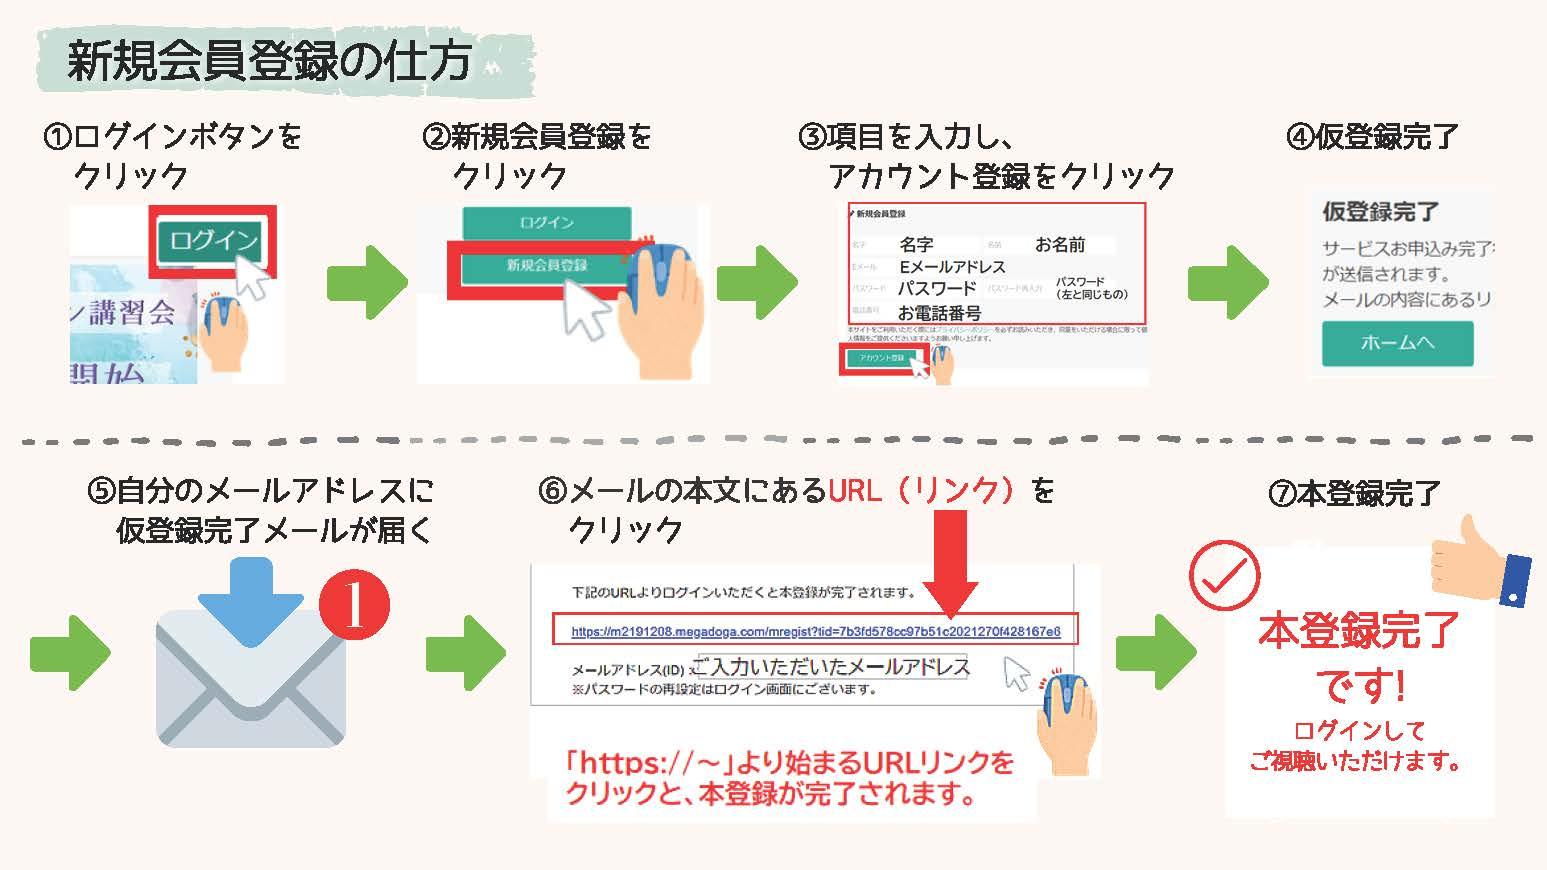 動画サイト新規会員登録の仕方